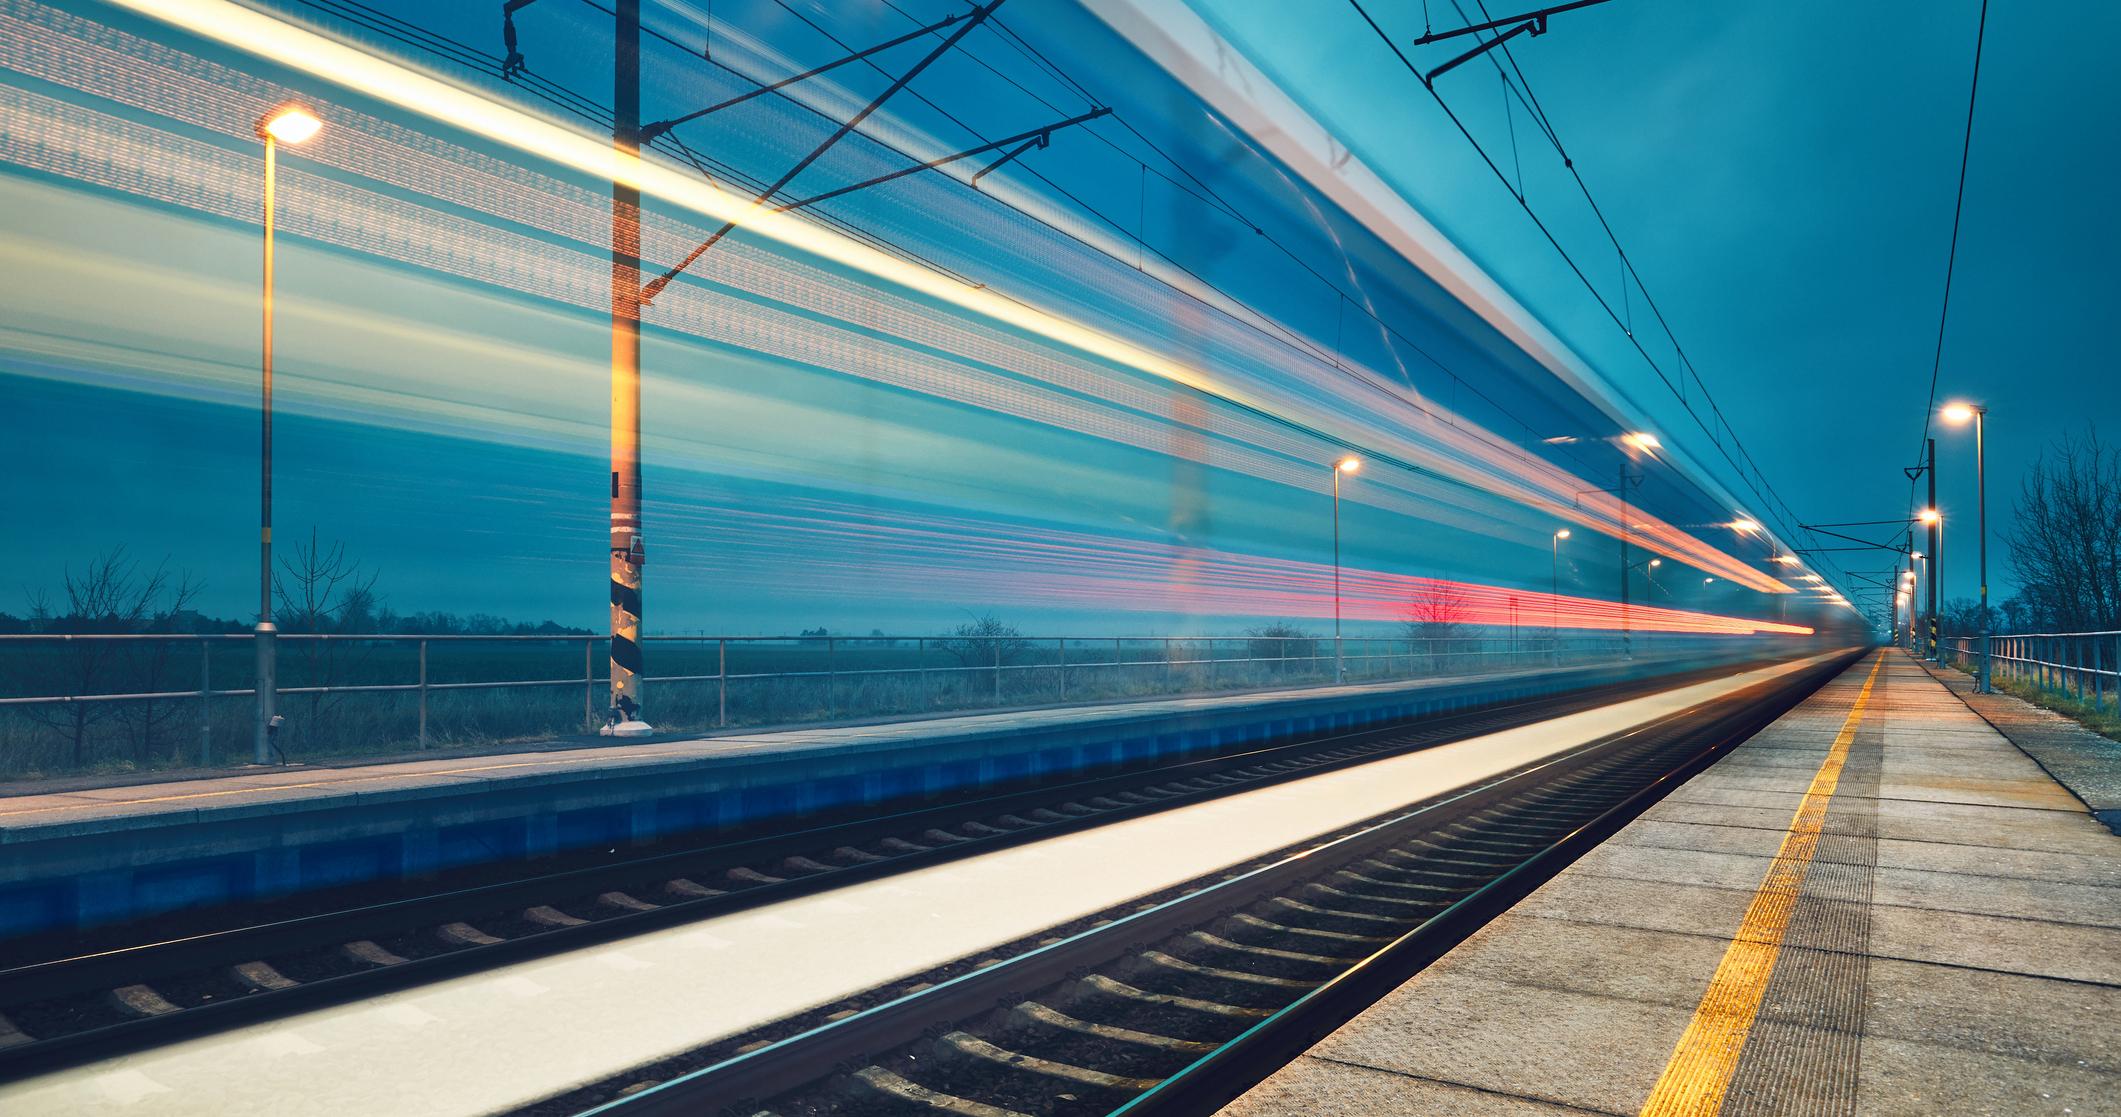 Immagine 5G ferrovia